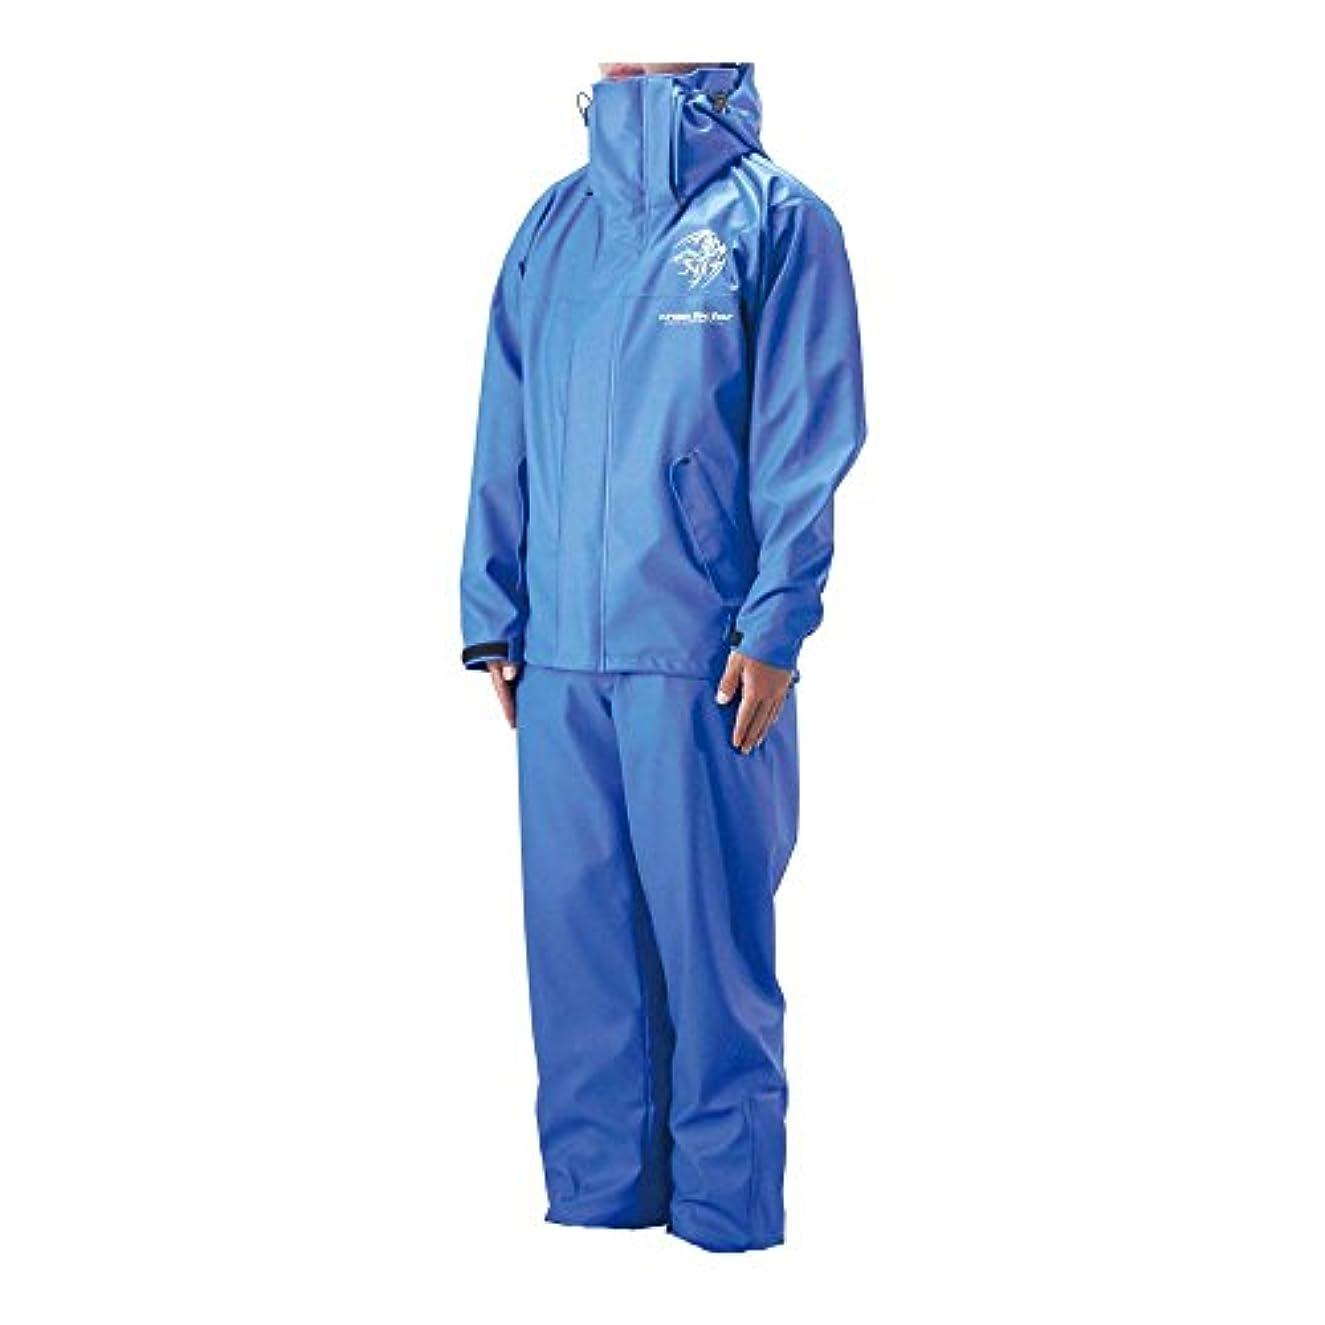 唯一刺す包囲プロマリン(PRO MARINE) PUマリンスーツ LL WRE709-LL ブルー